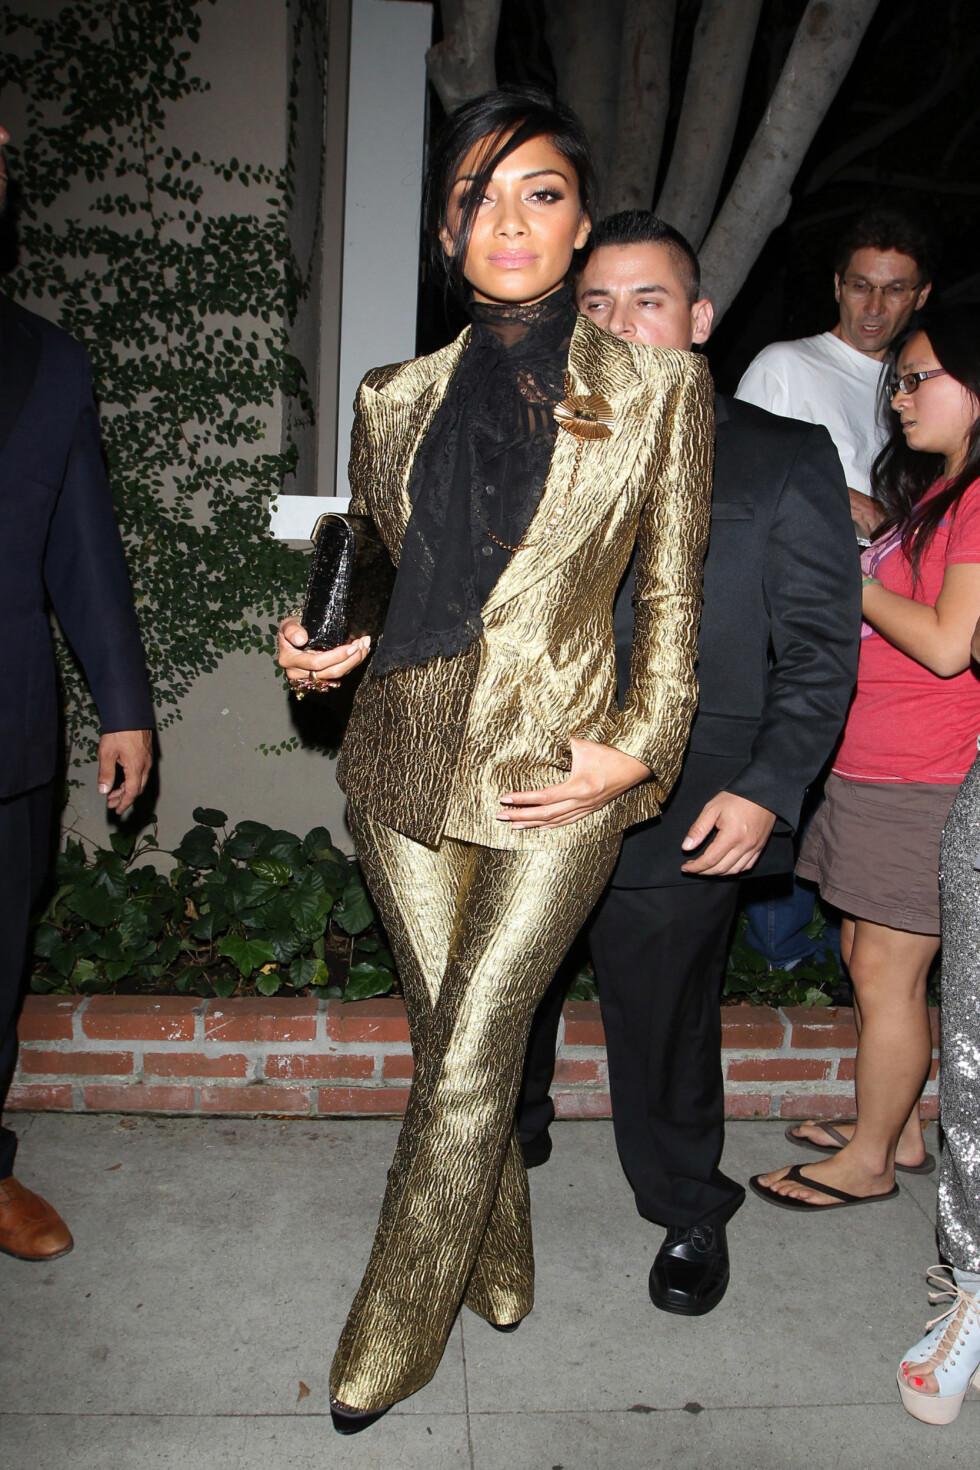 Artist Nicole Scherzinger gikk på restaurant i gulldress. Foto: Scherzinger